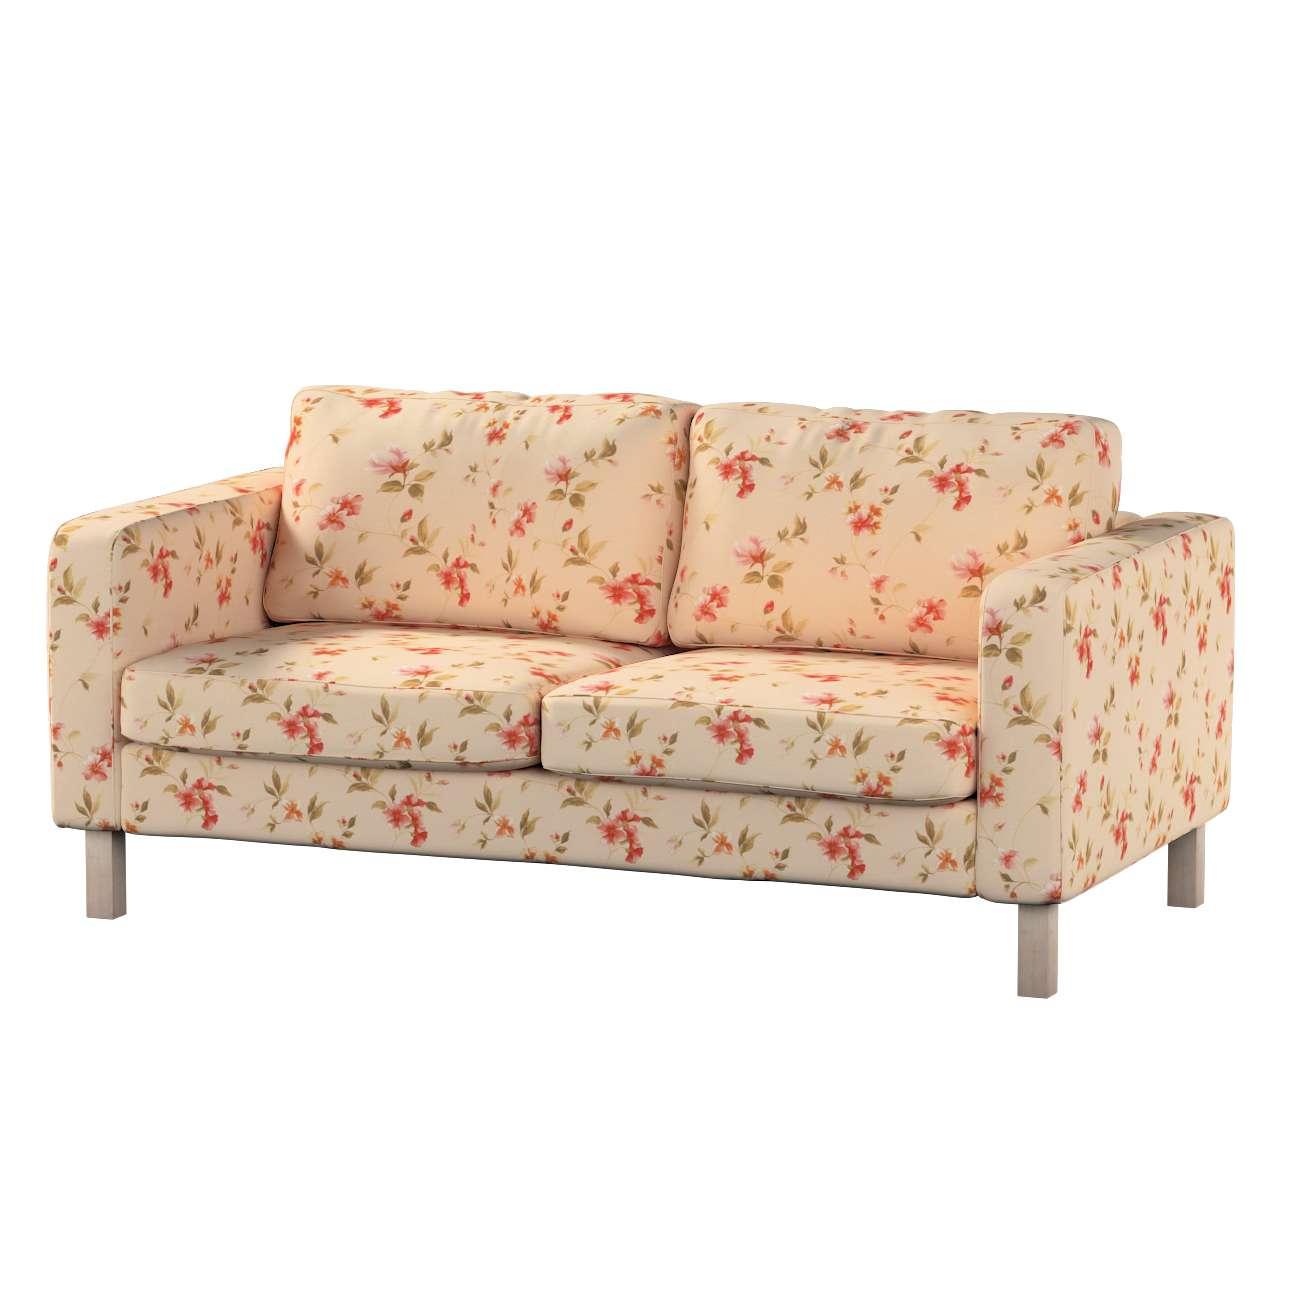 Karlstad 2-Sitzer Sofabezug nicht ausklappbar von der Kollektion Londres, Stoff: 124-05